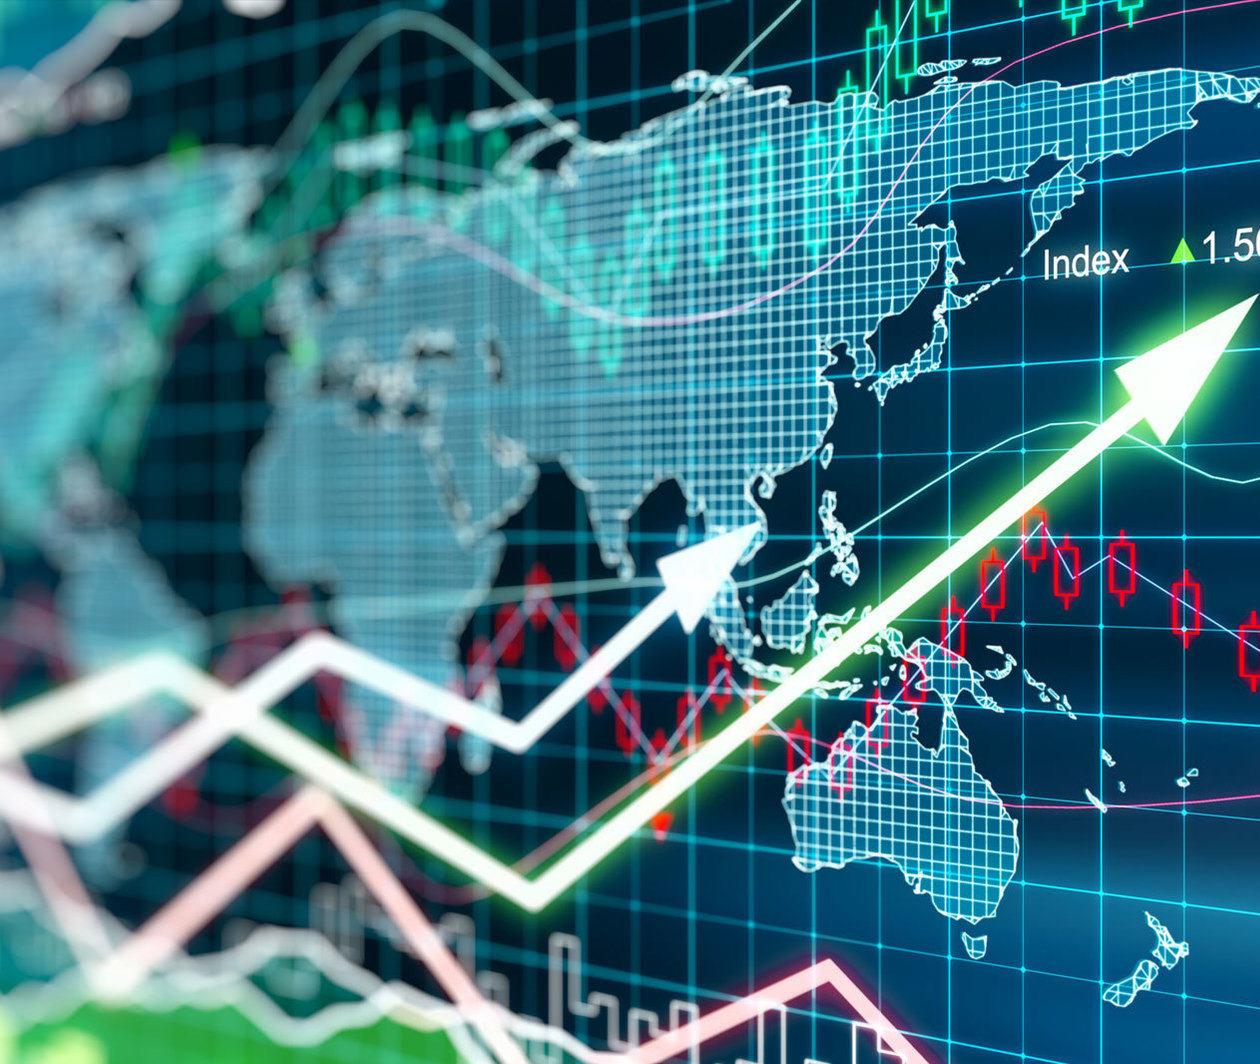 Introduction to Quantitative Investing